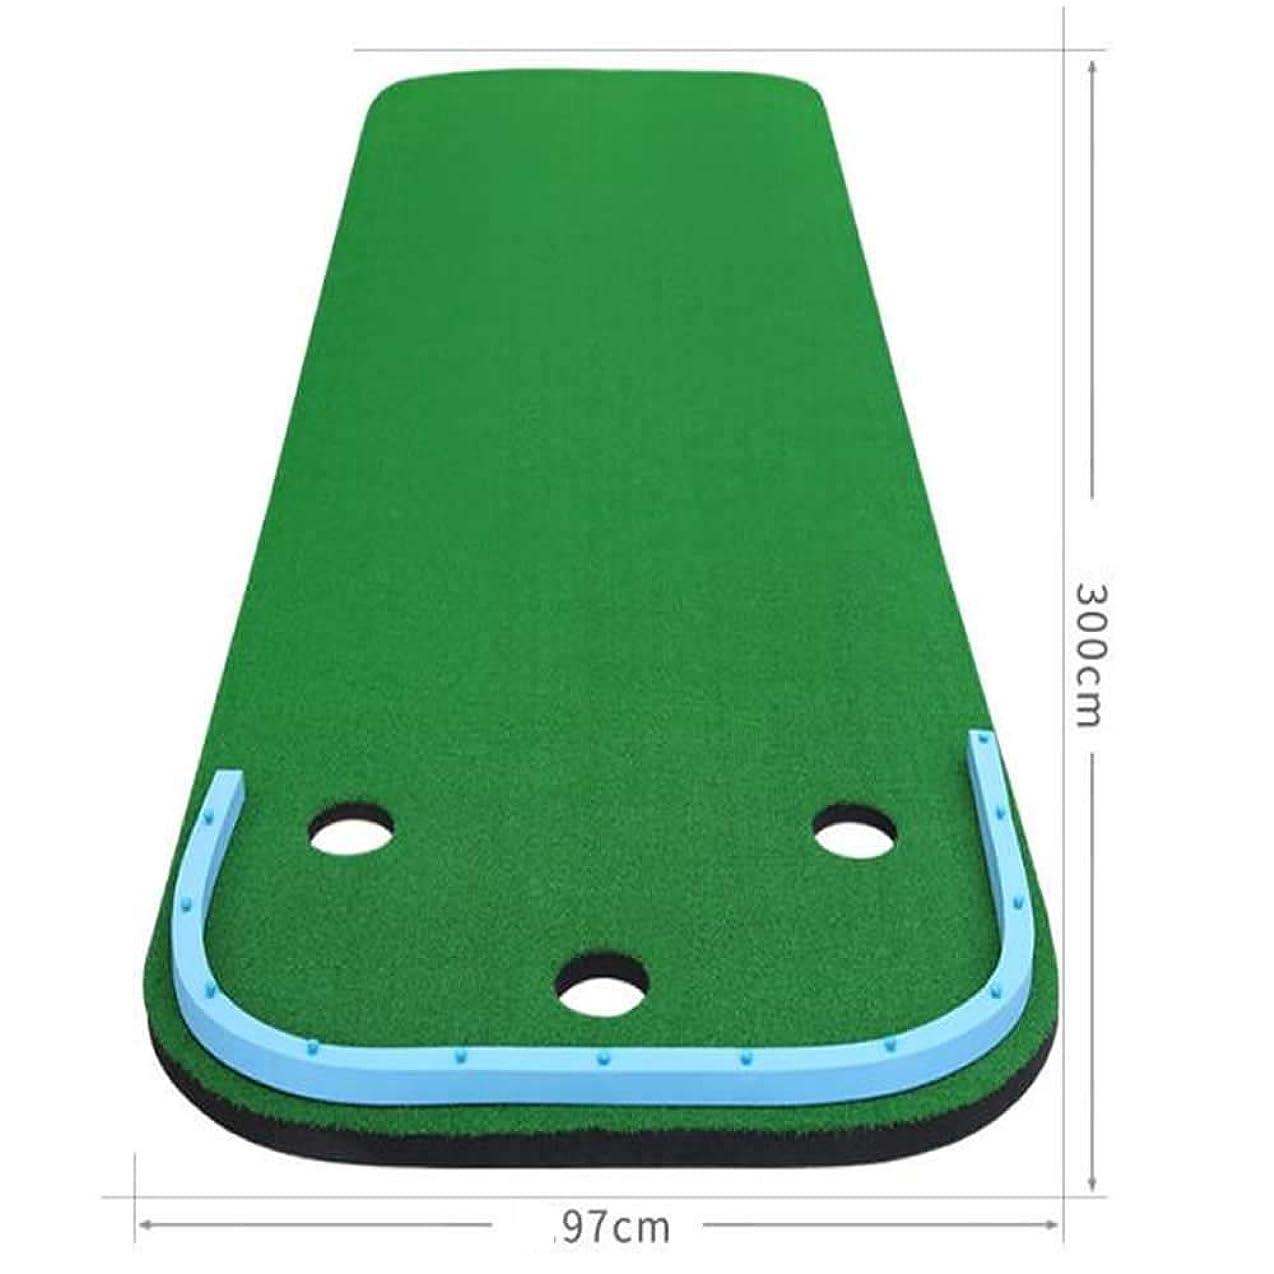 ツーリスト学校論理的に1stモール ゴルフ用 パター 練習マット Bタイプ パッティングフィールド 上達 収納 スコアアップ ST-GL-012-B